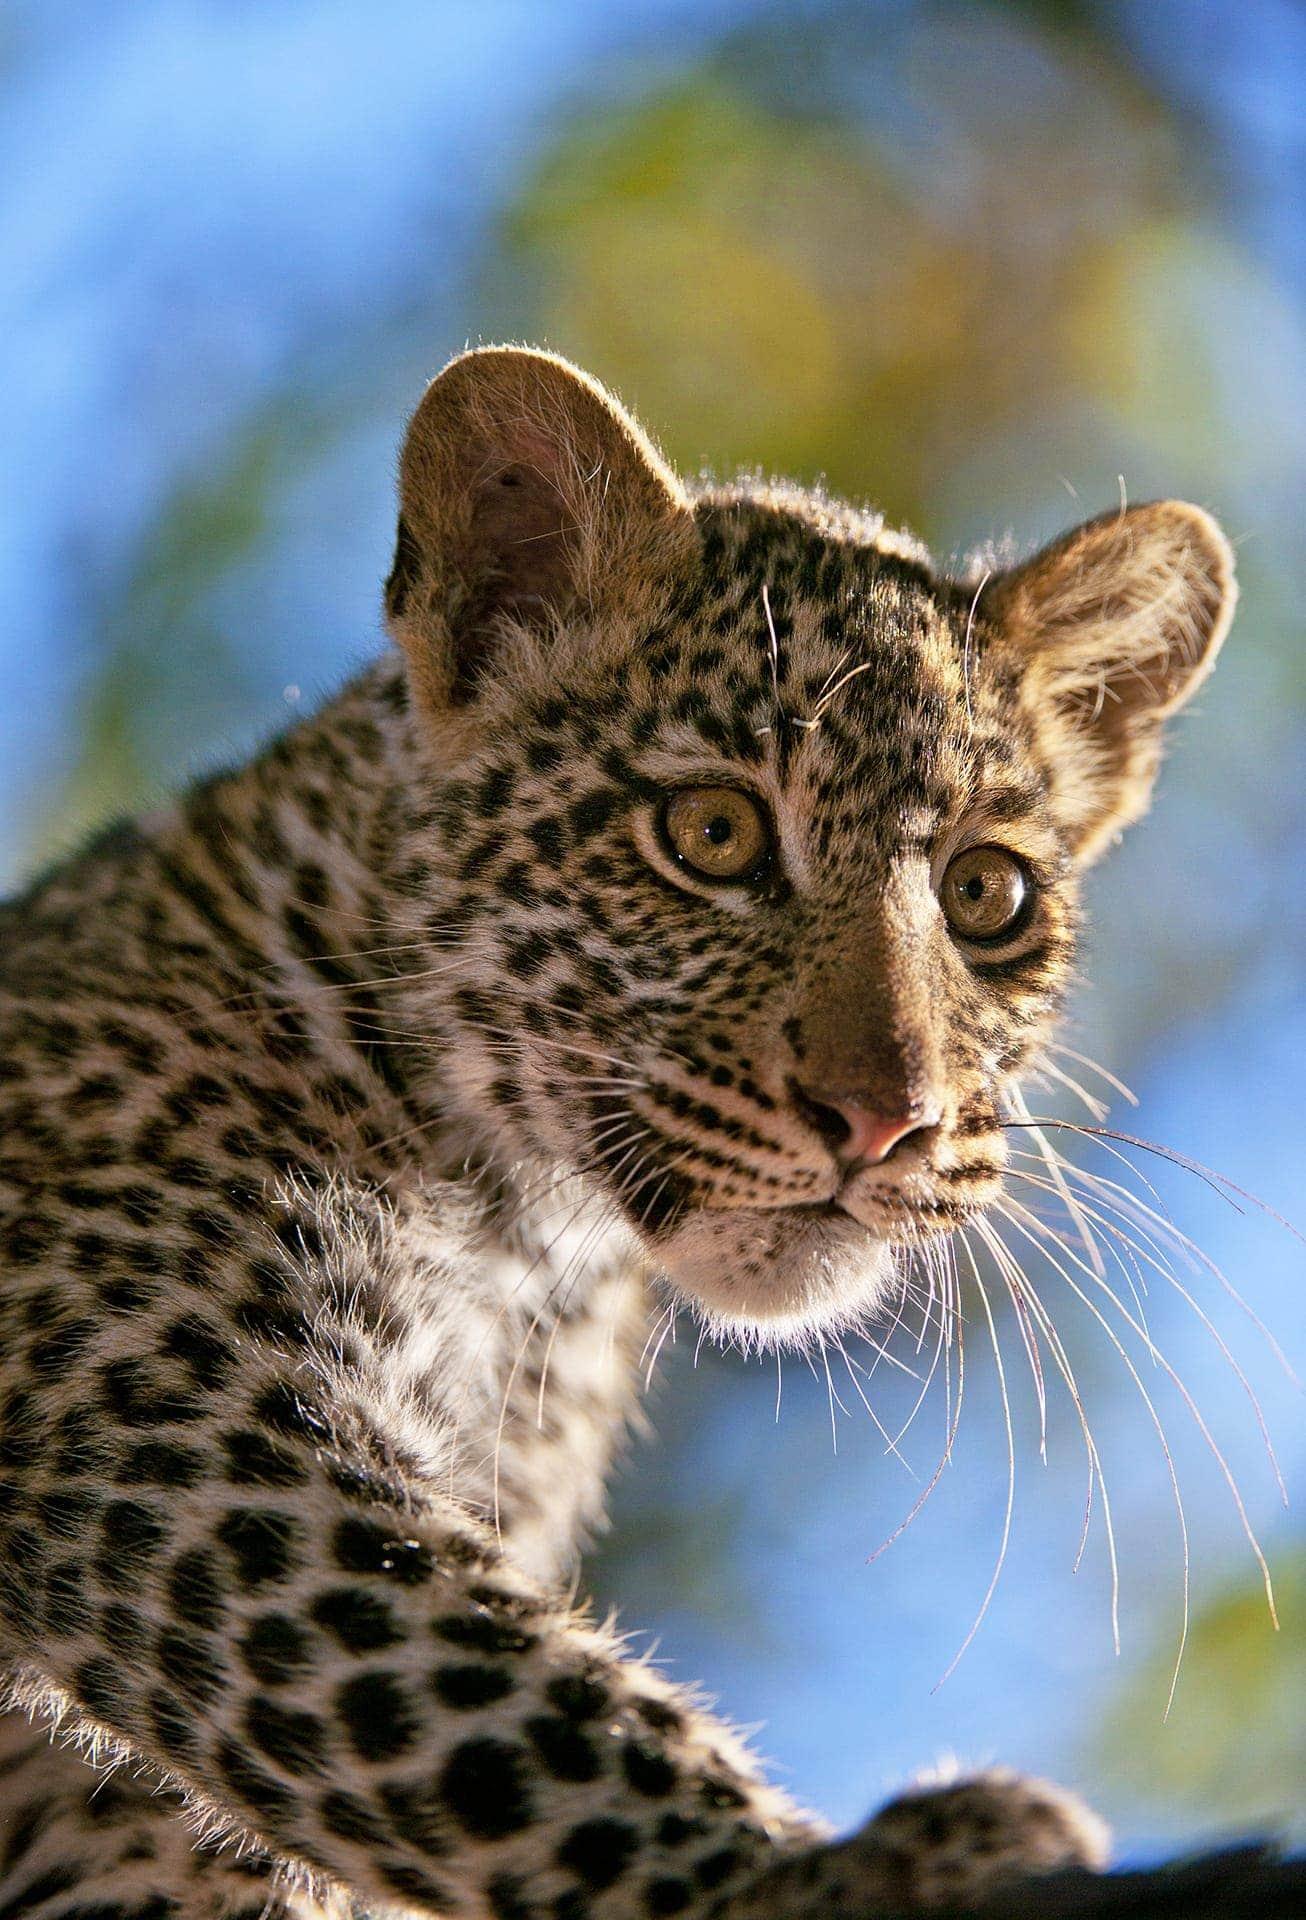 best africa photo safari - leopard cub